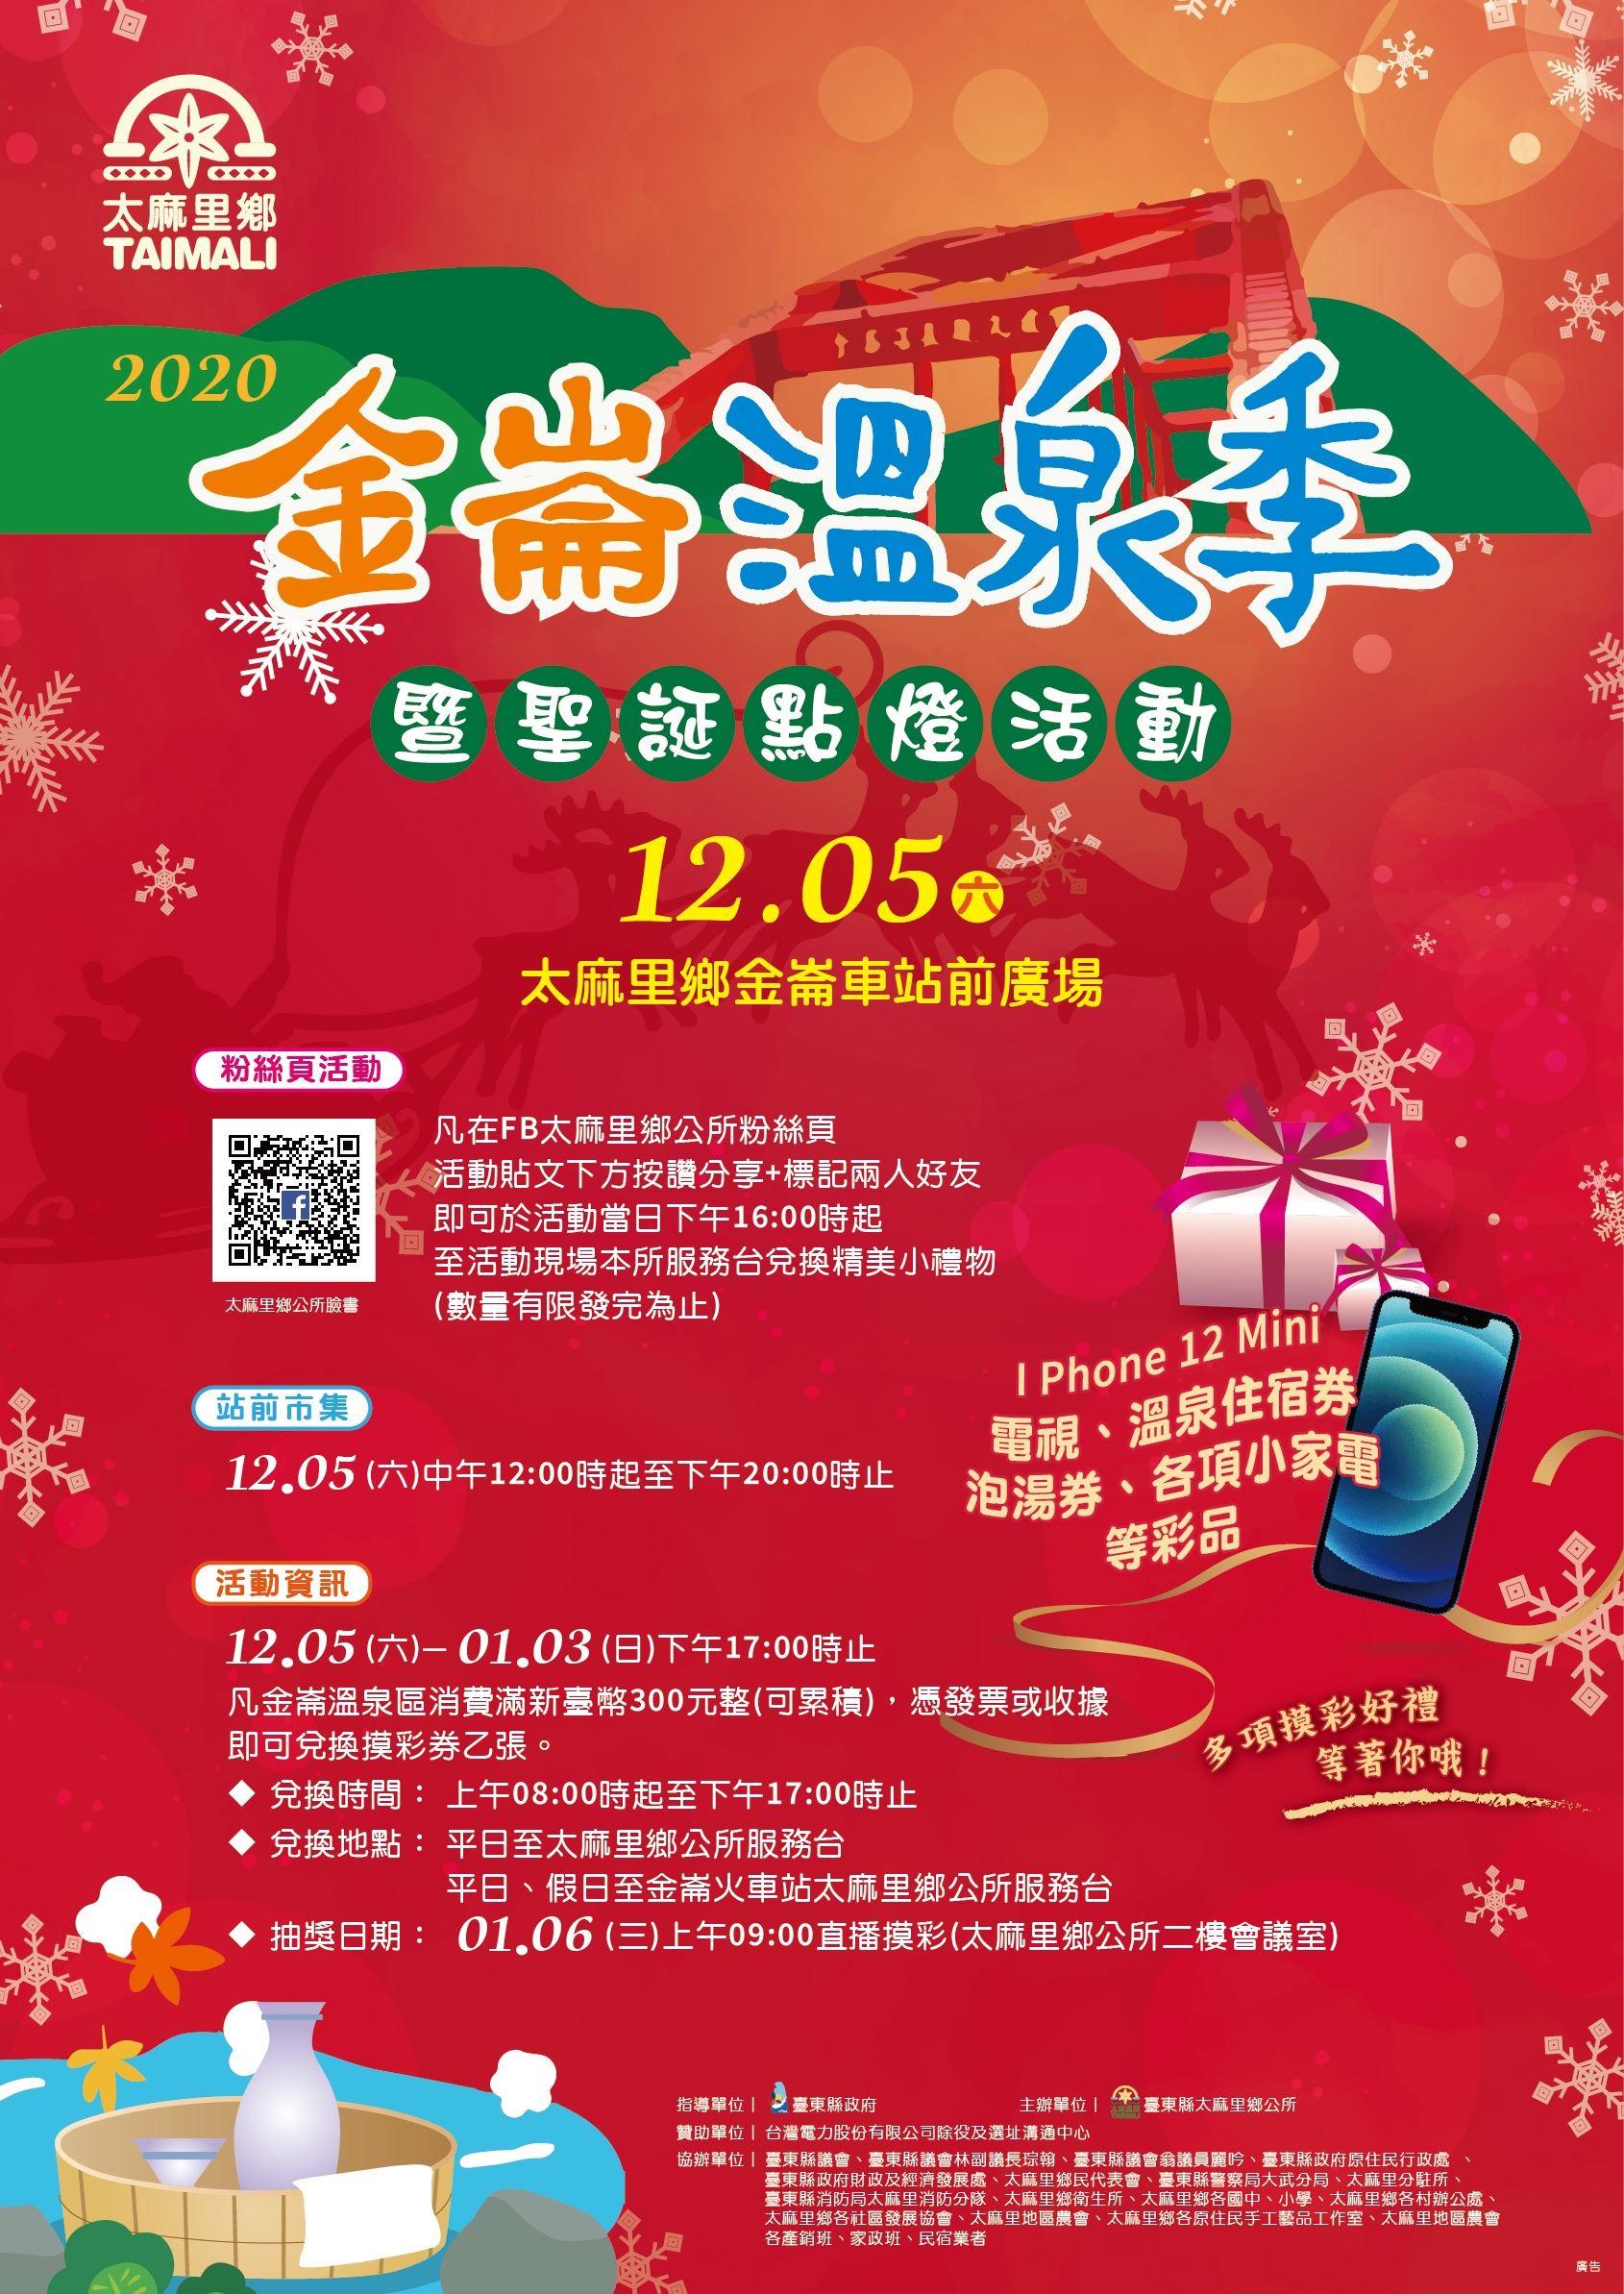 台東縣太麻里鄉公所辦理「2020金崙溫泉季聖誕點燈活動」